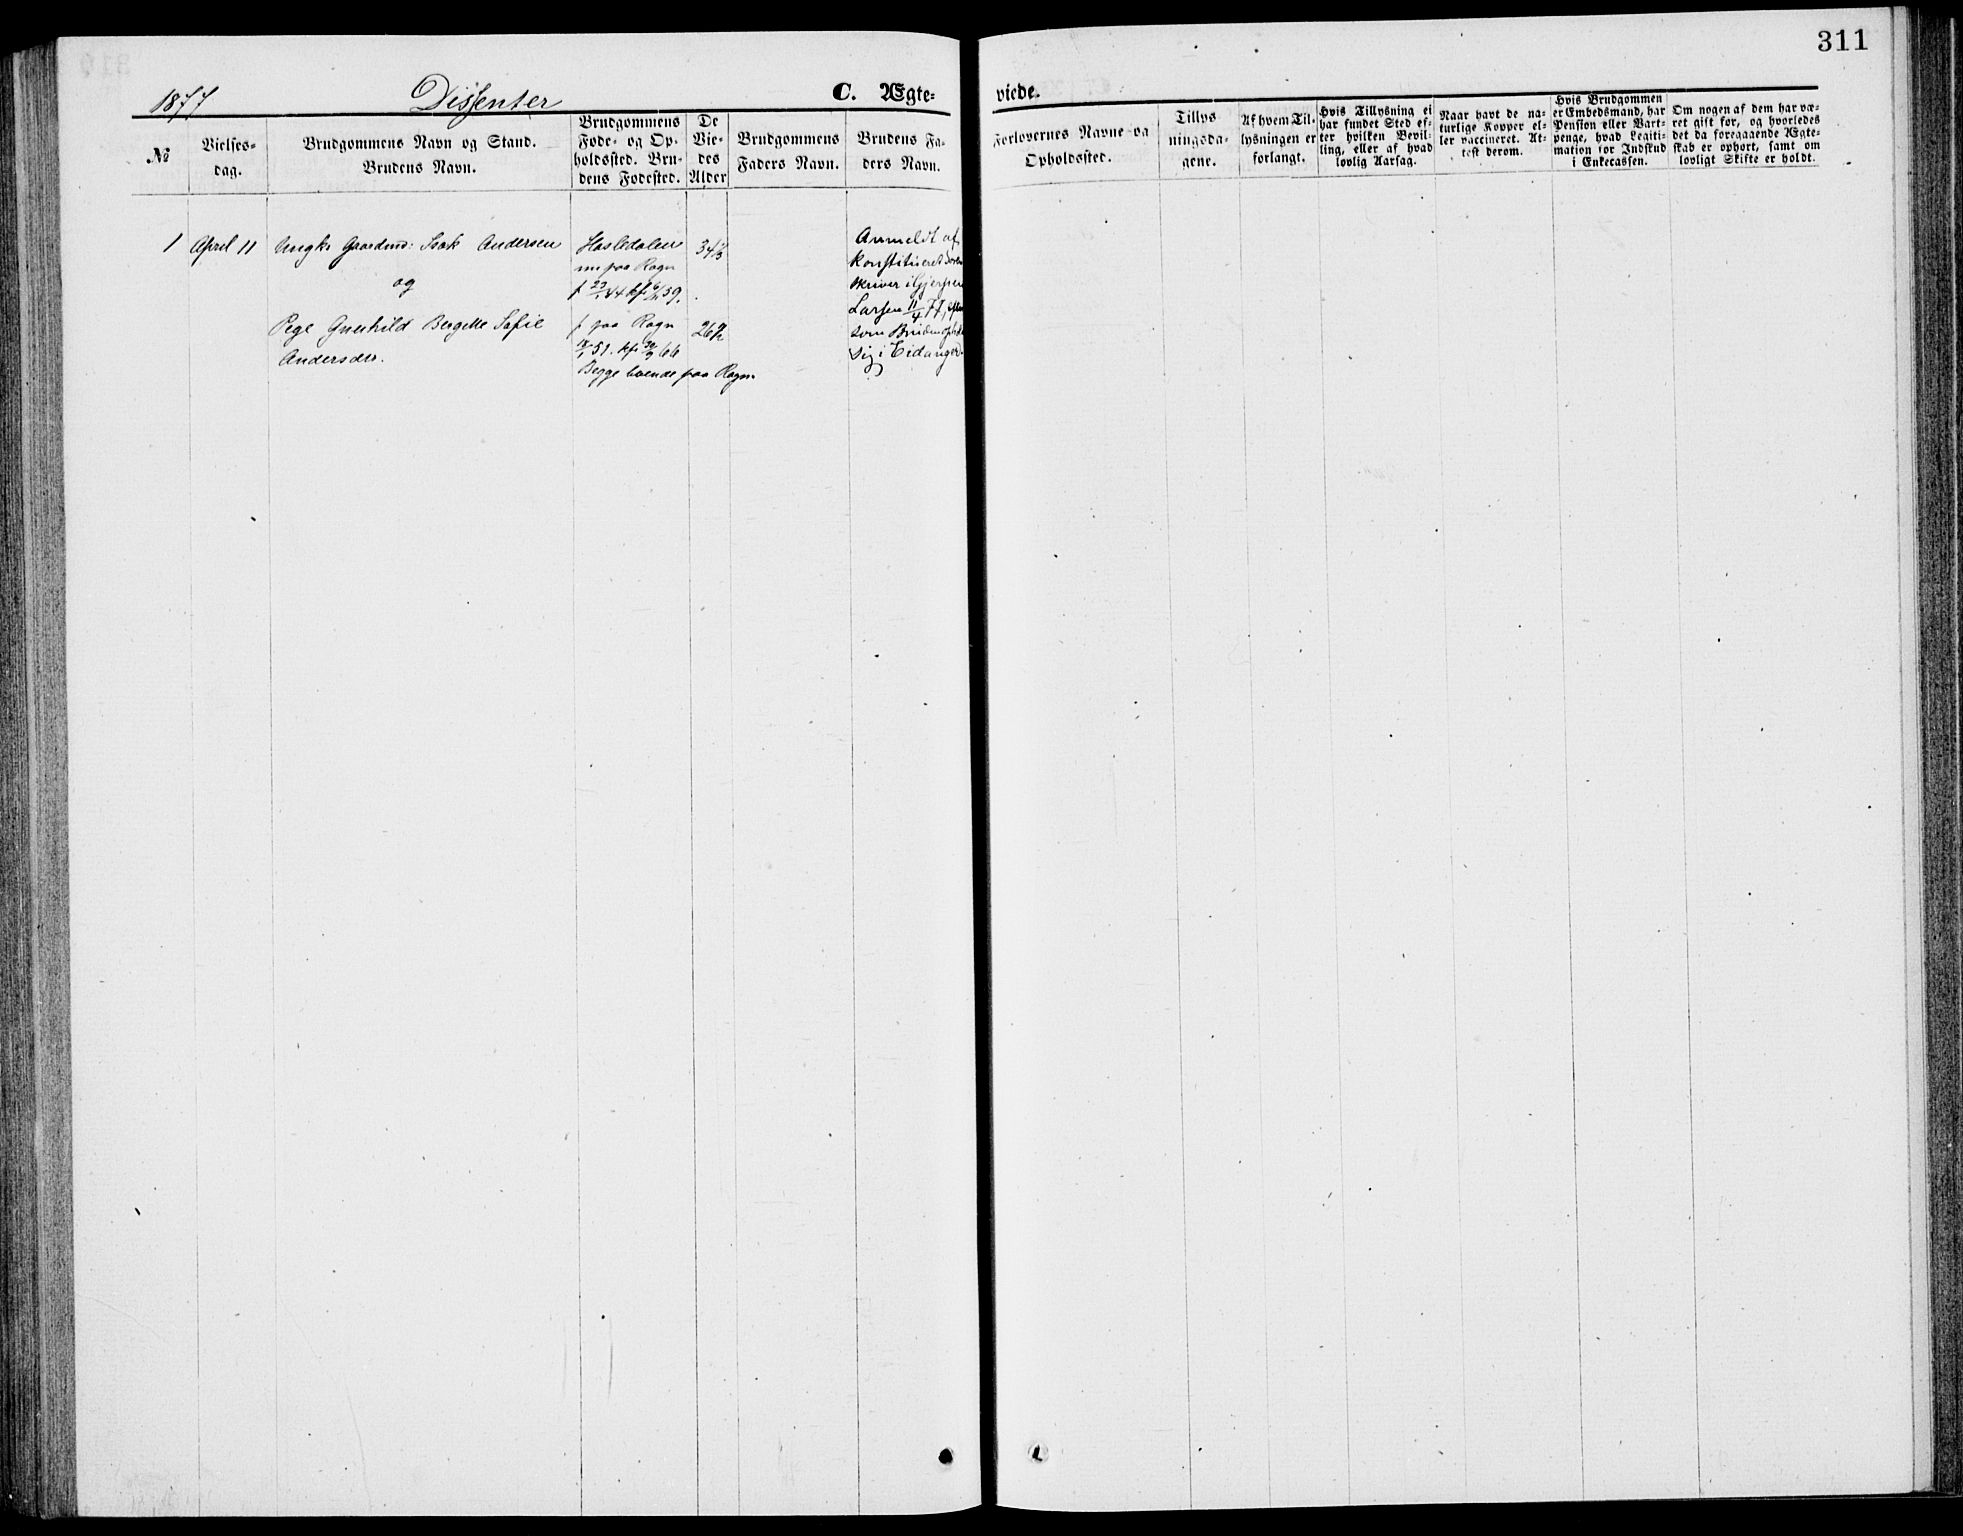 SAKO, Bamble kirkebøker, G/Ga/L0007: Klokkerbok nr. I 7, 1876-1877, s. 311